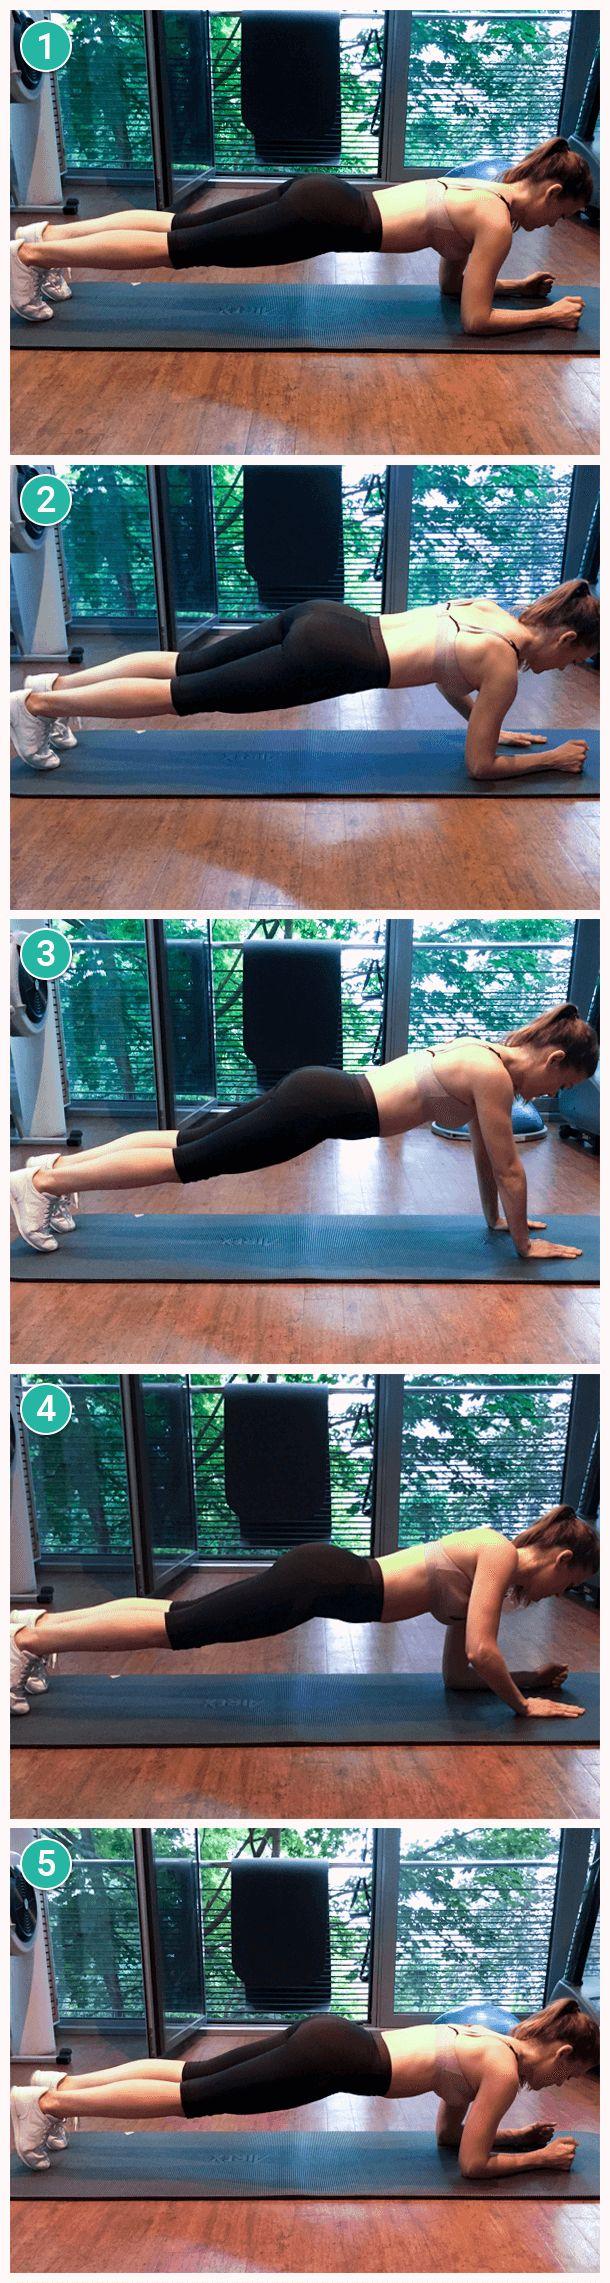 Egal ob im Bauch-Beine-Po-Kurs oder an den Geräten, die meisten Frauen konzentrieren sich beim Training mit Vorliebe auf die typisch